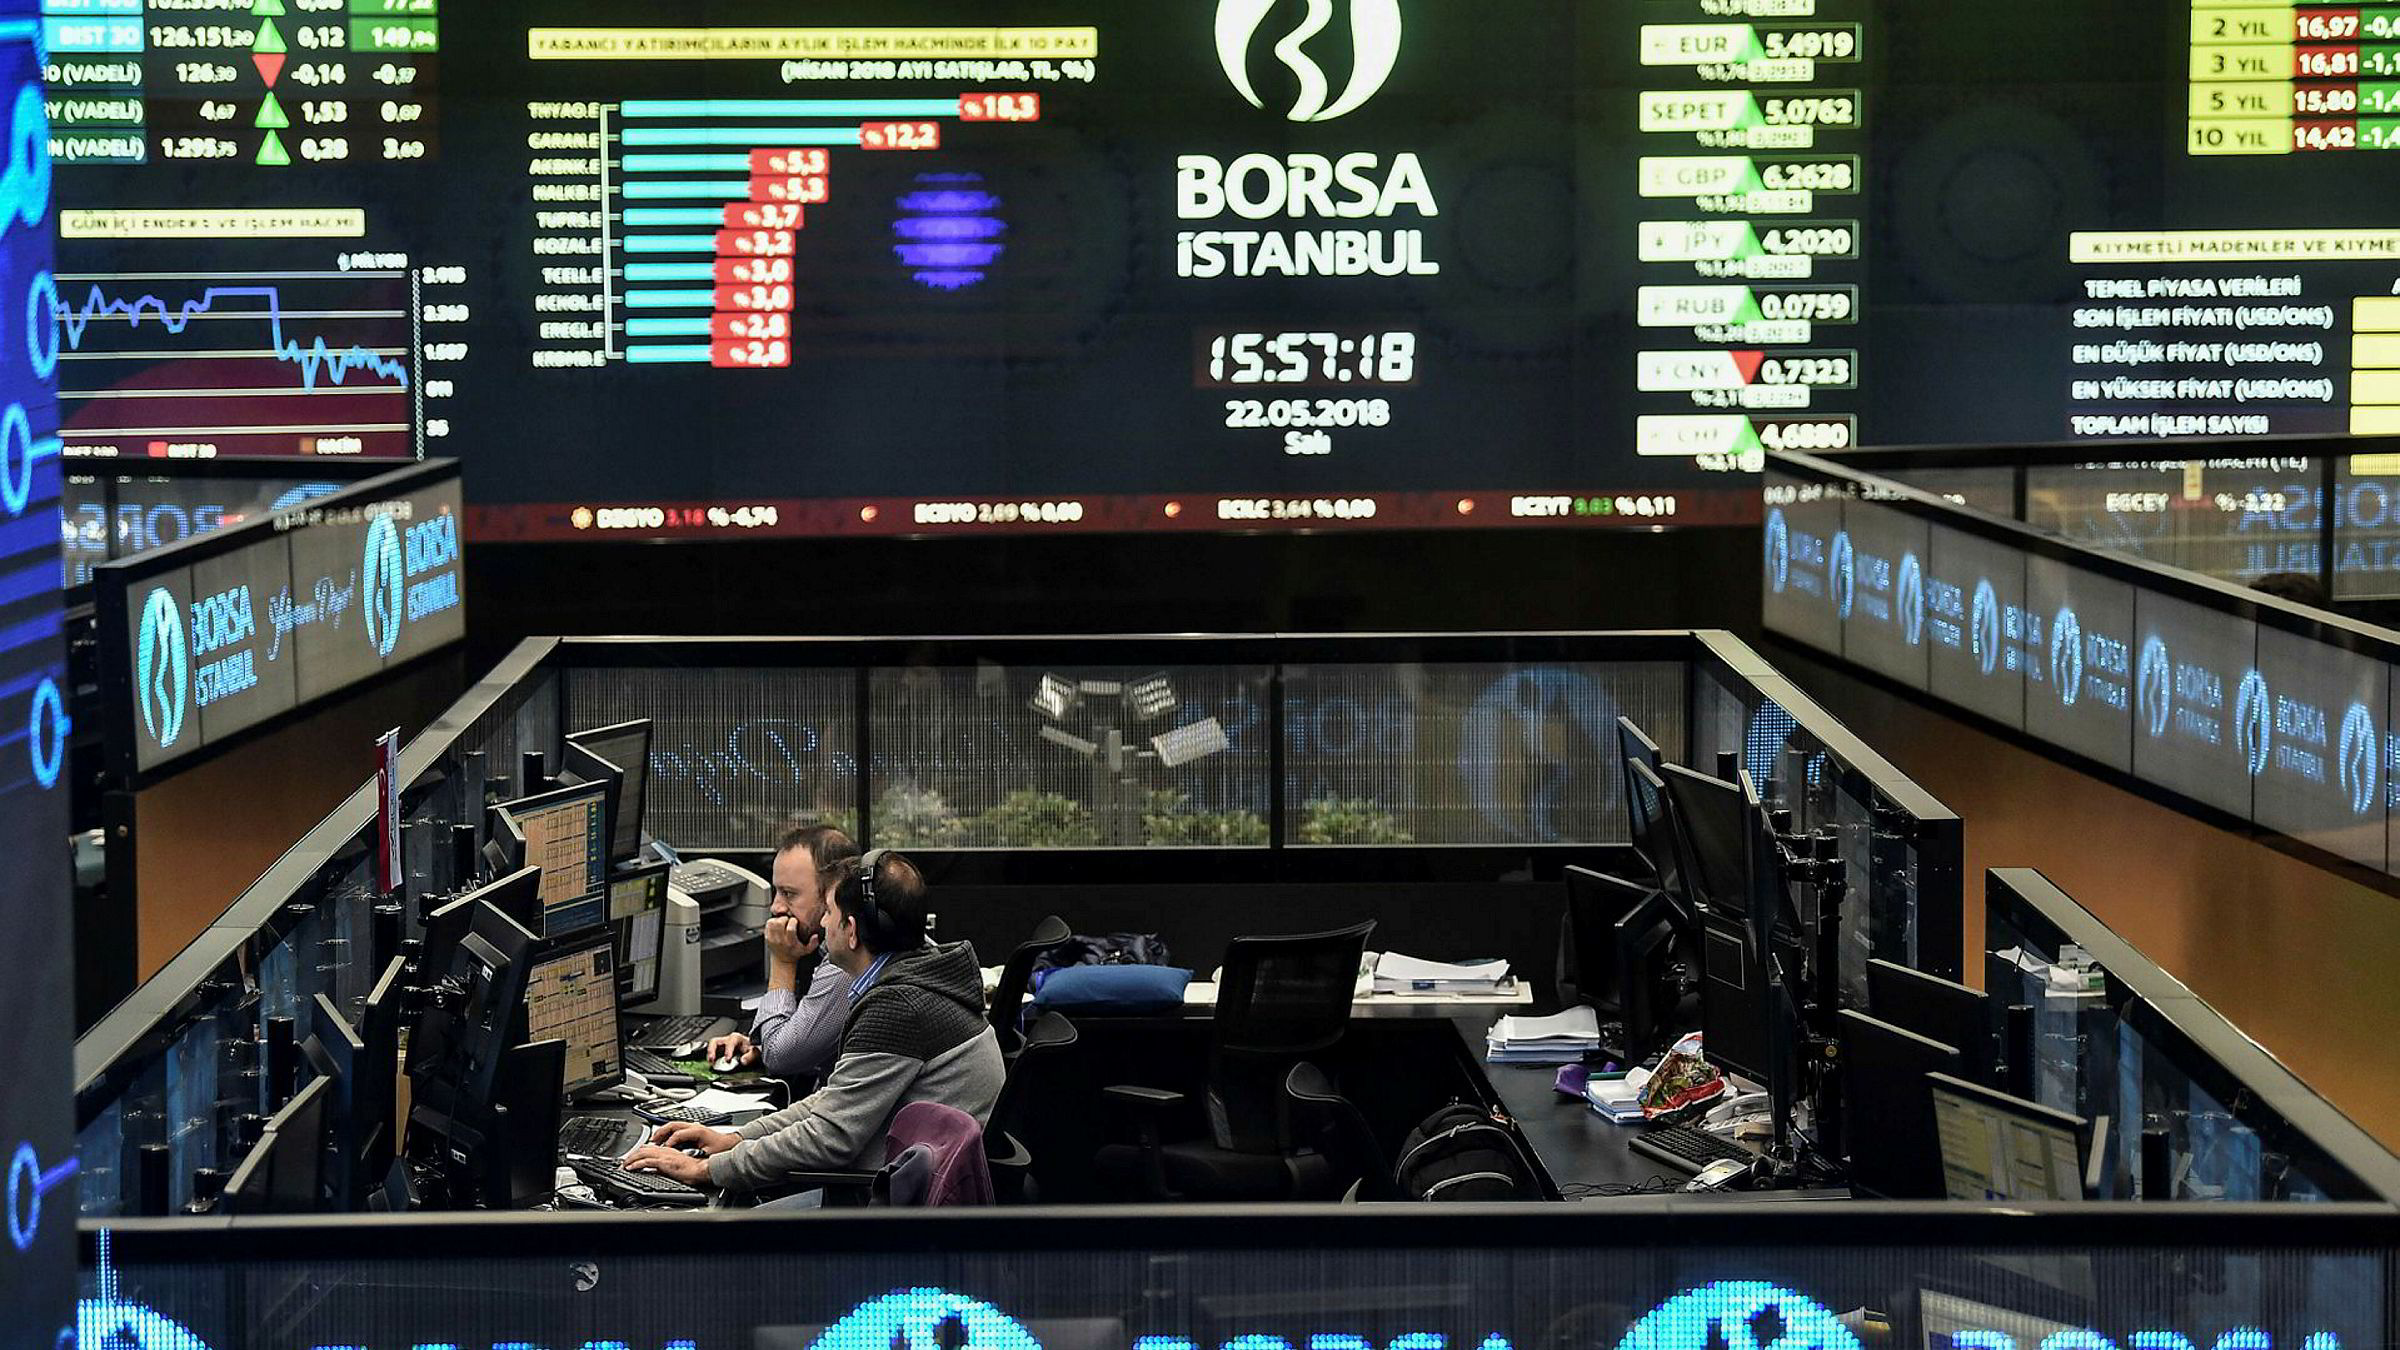 Spenningen på børsen her i Istanbul er nedadgående, i takt med at liraen de siste ukene har falt kraftig.